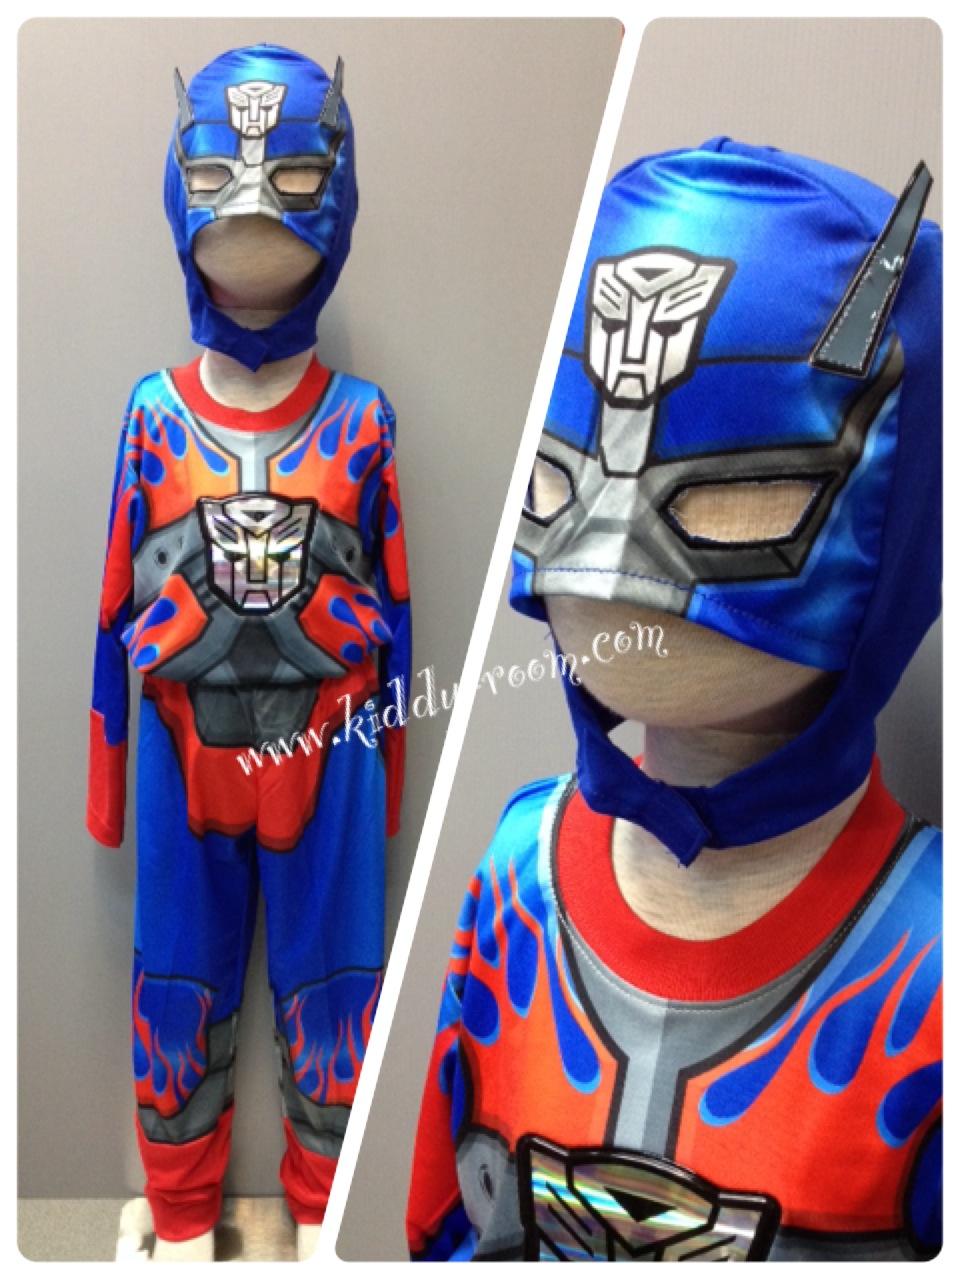 หีเด็ก10ขวบ Optimus Prime (งานลิขสิทธิ์) ชุดแฟนซีเด็กออพติมัส ไพร์